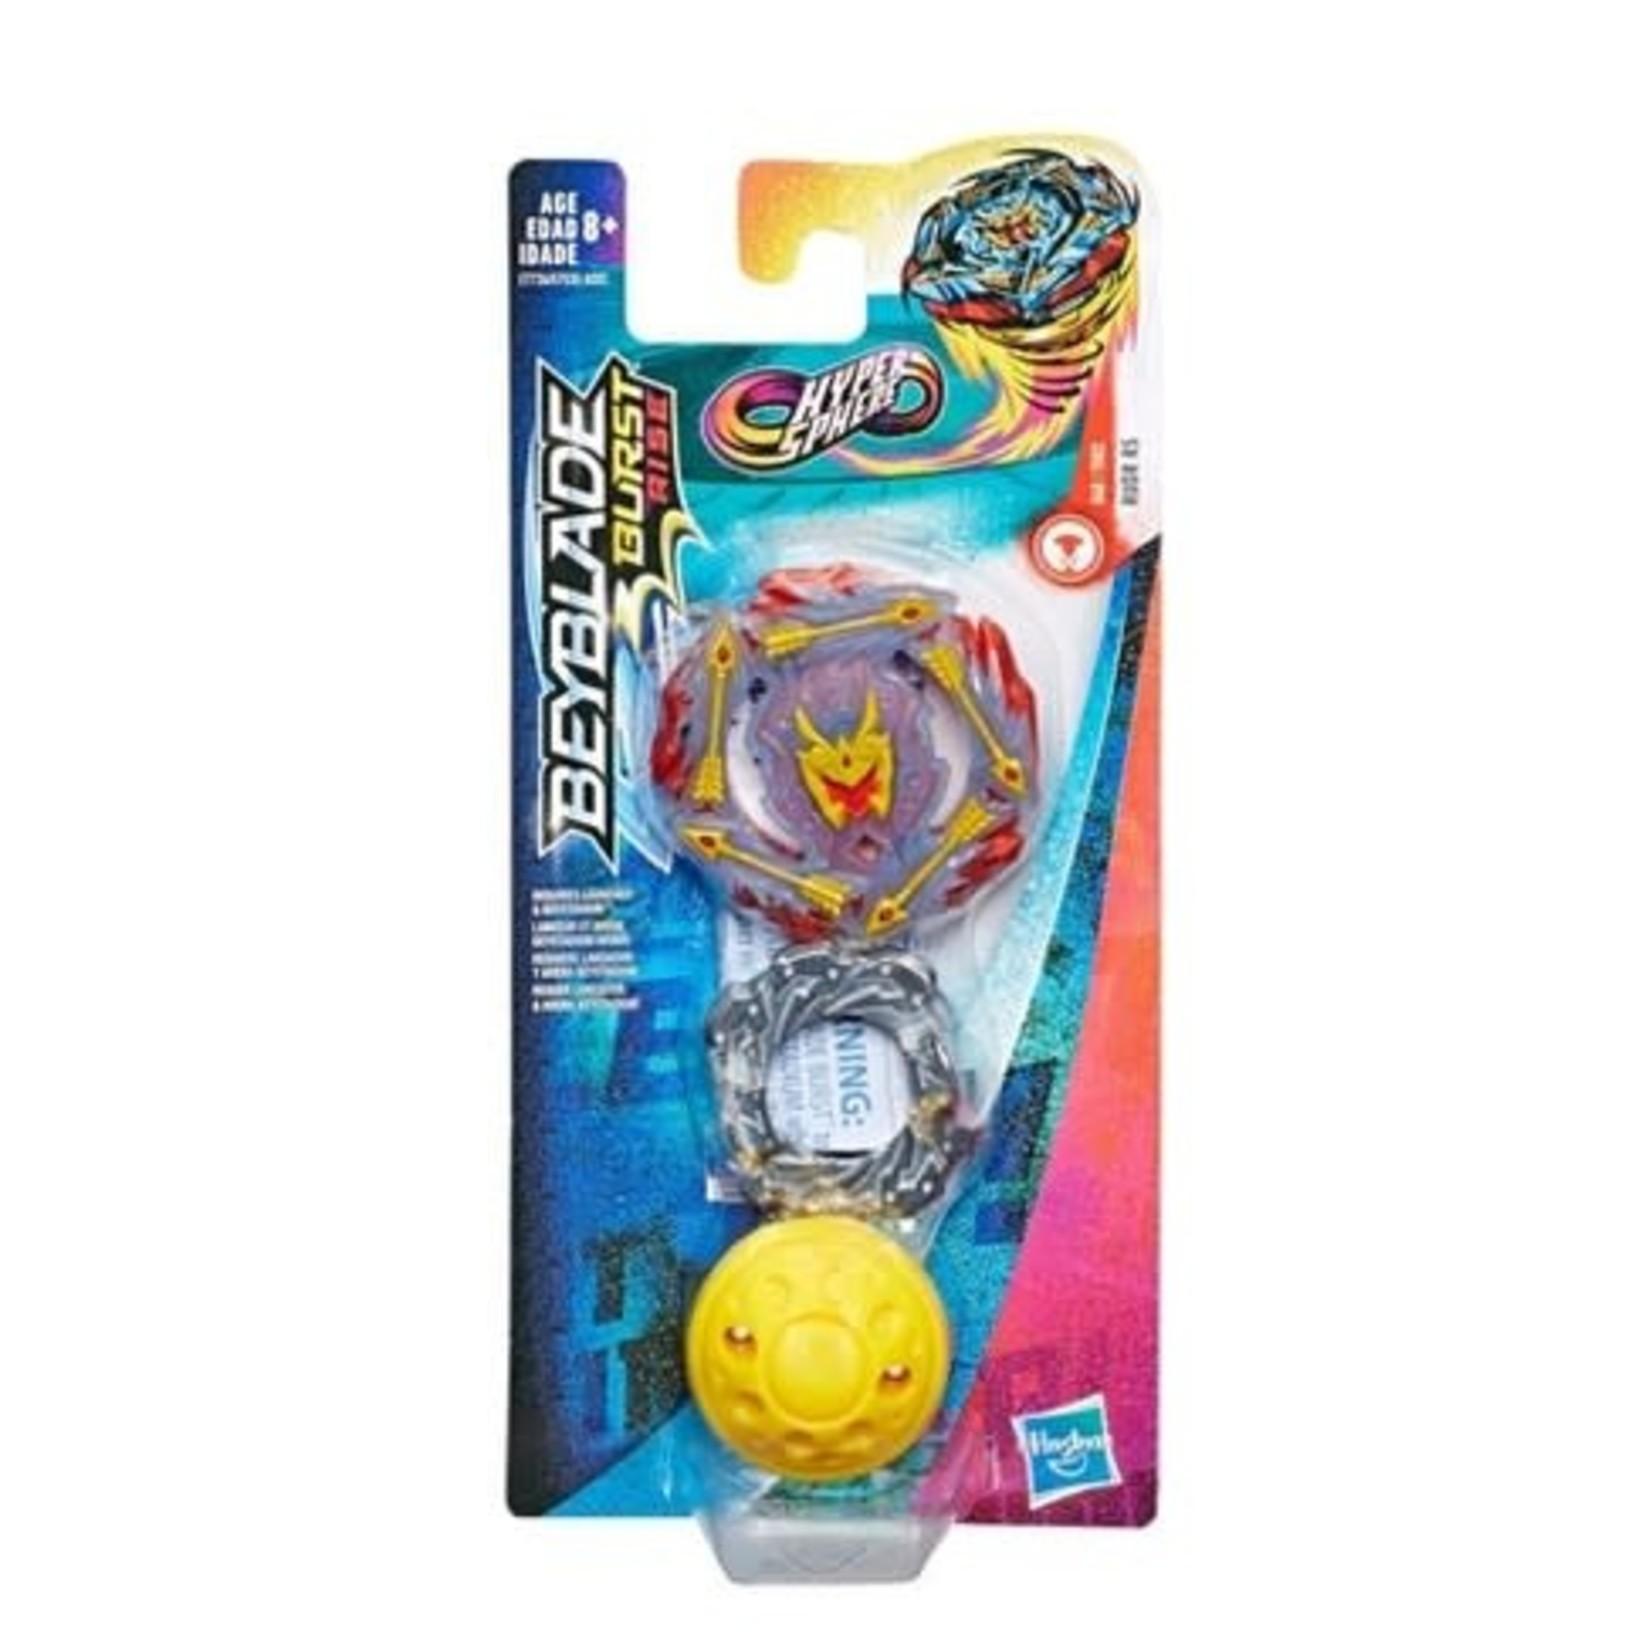 Hasbro Beyblade: Hypersphere Single